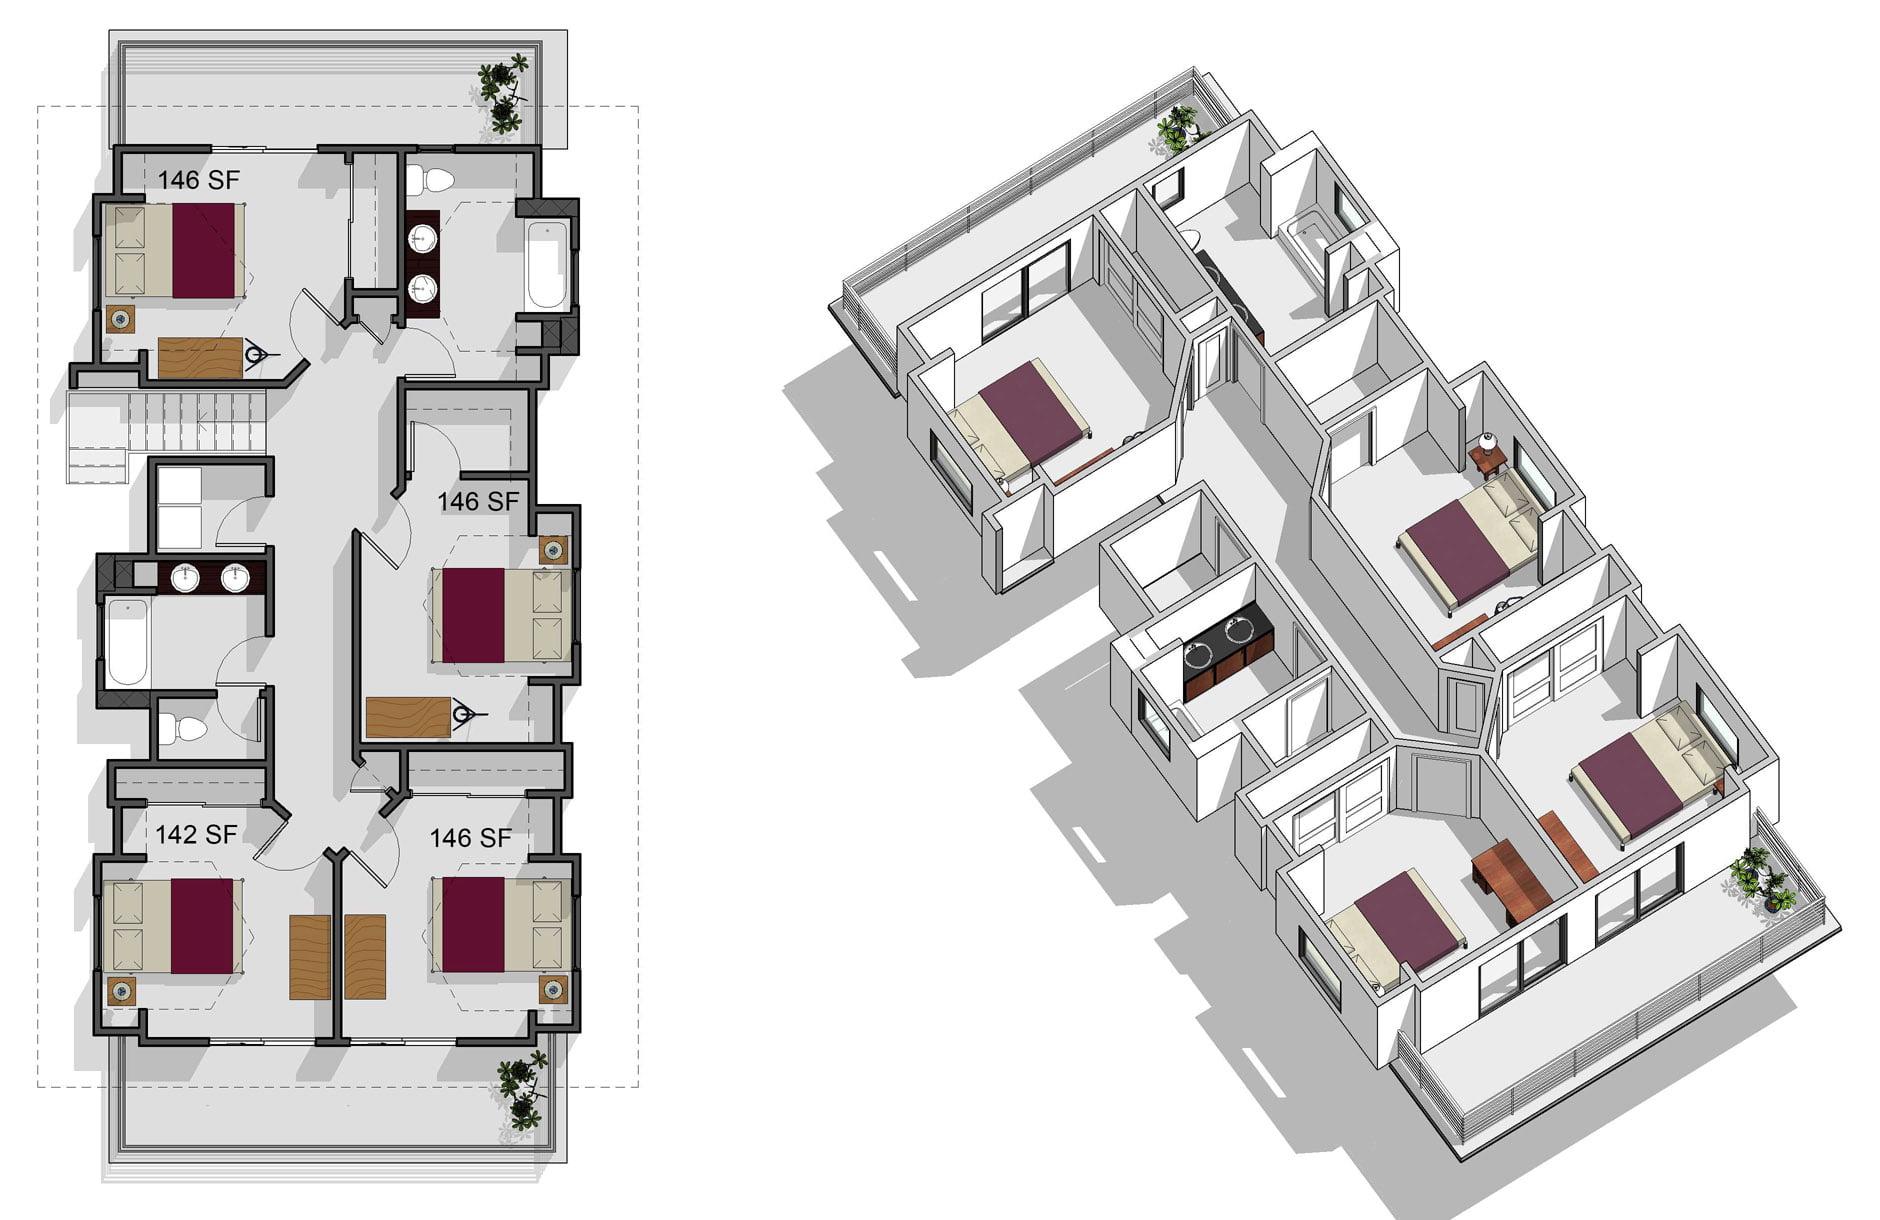 6 bedroom, 3 bathroom, second floor